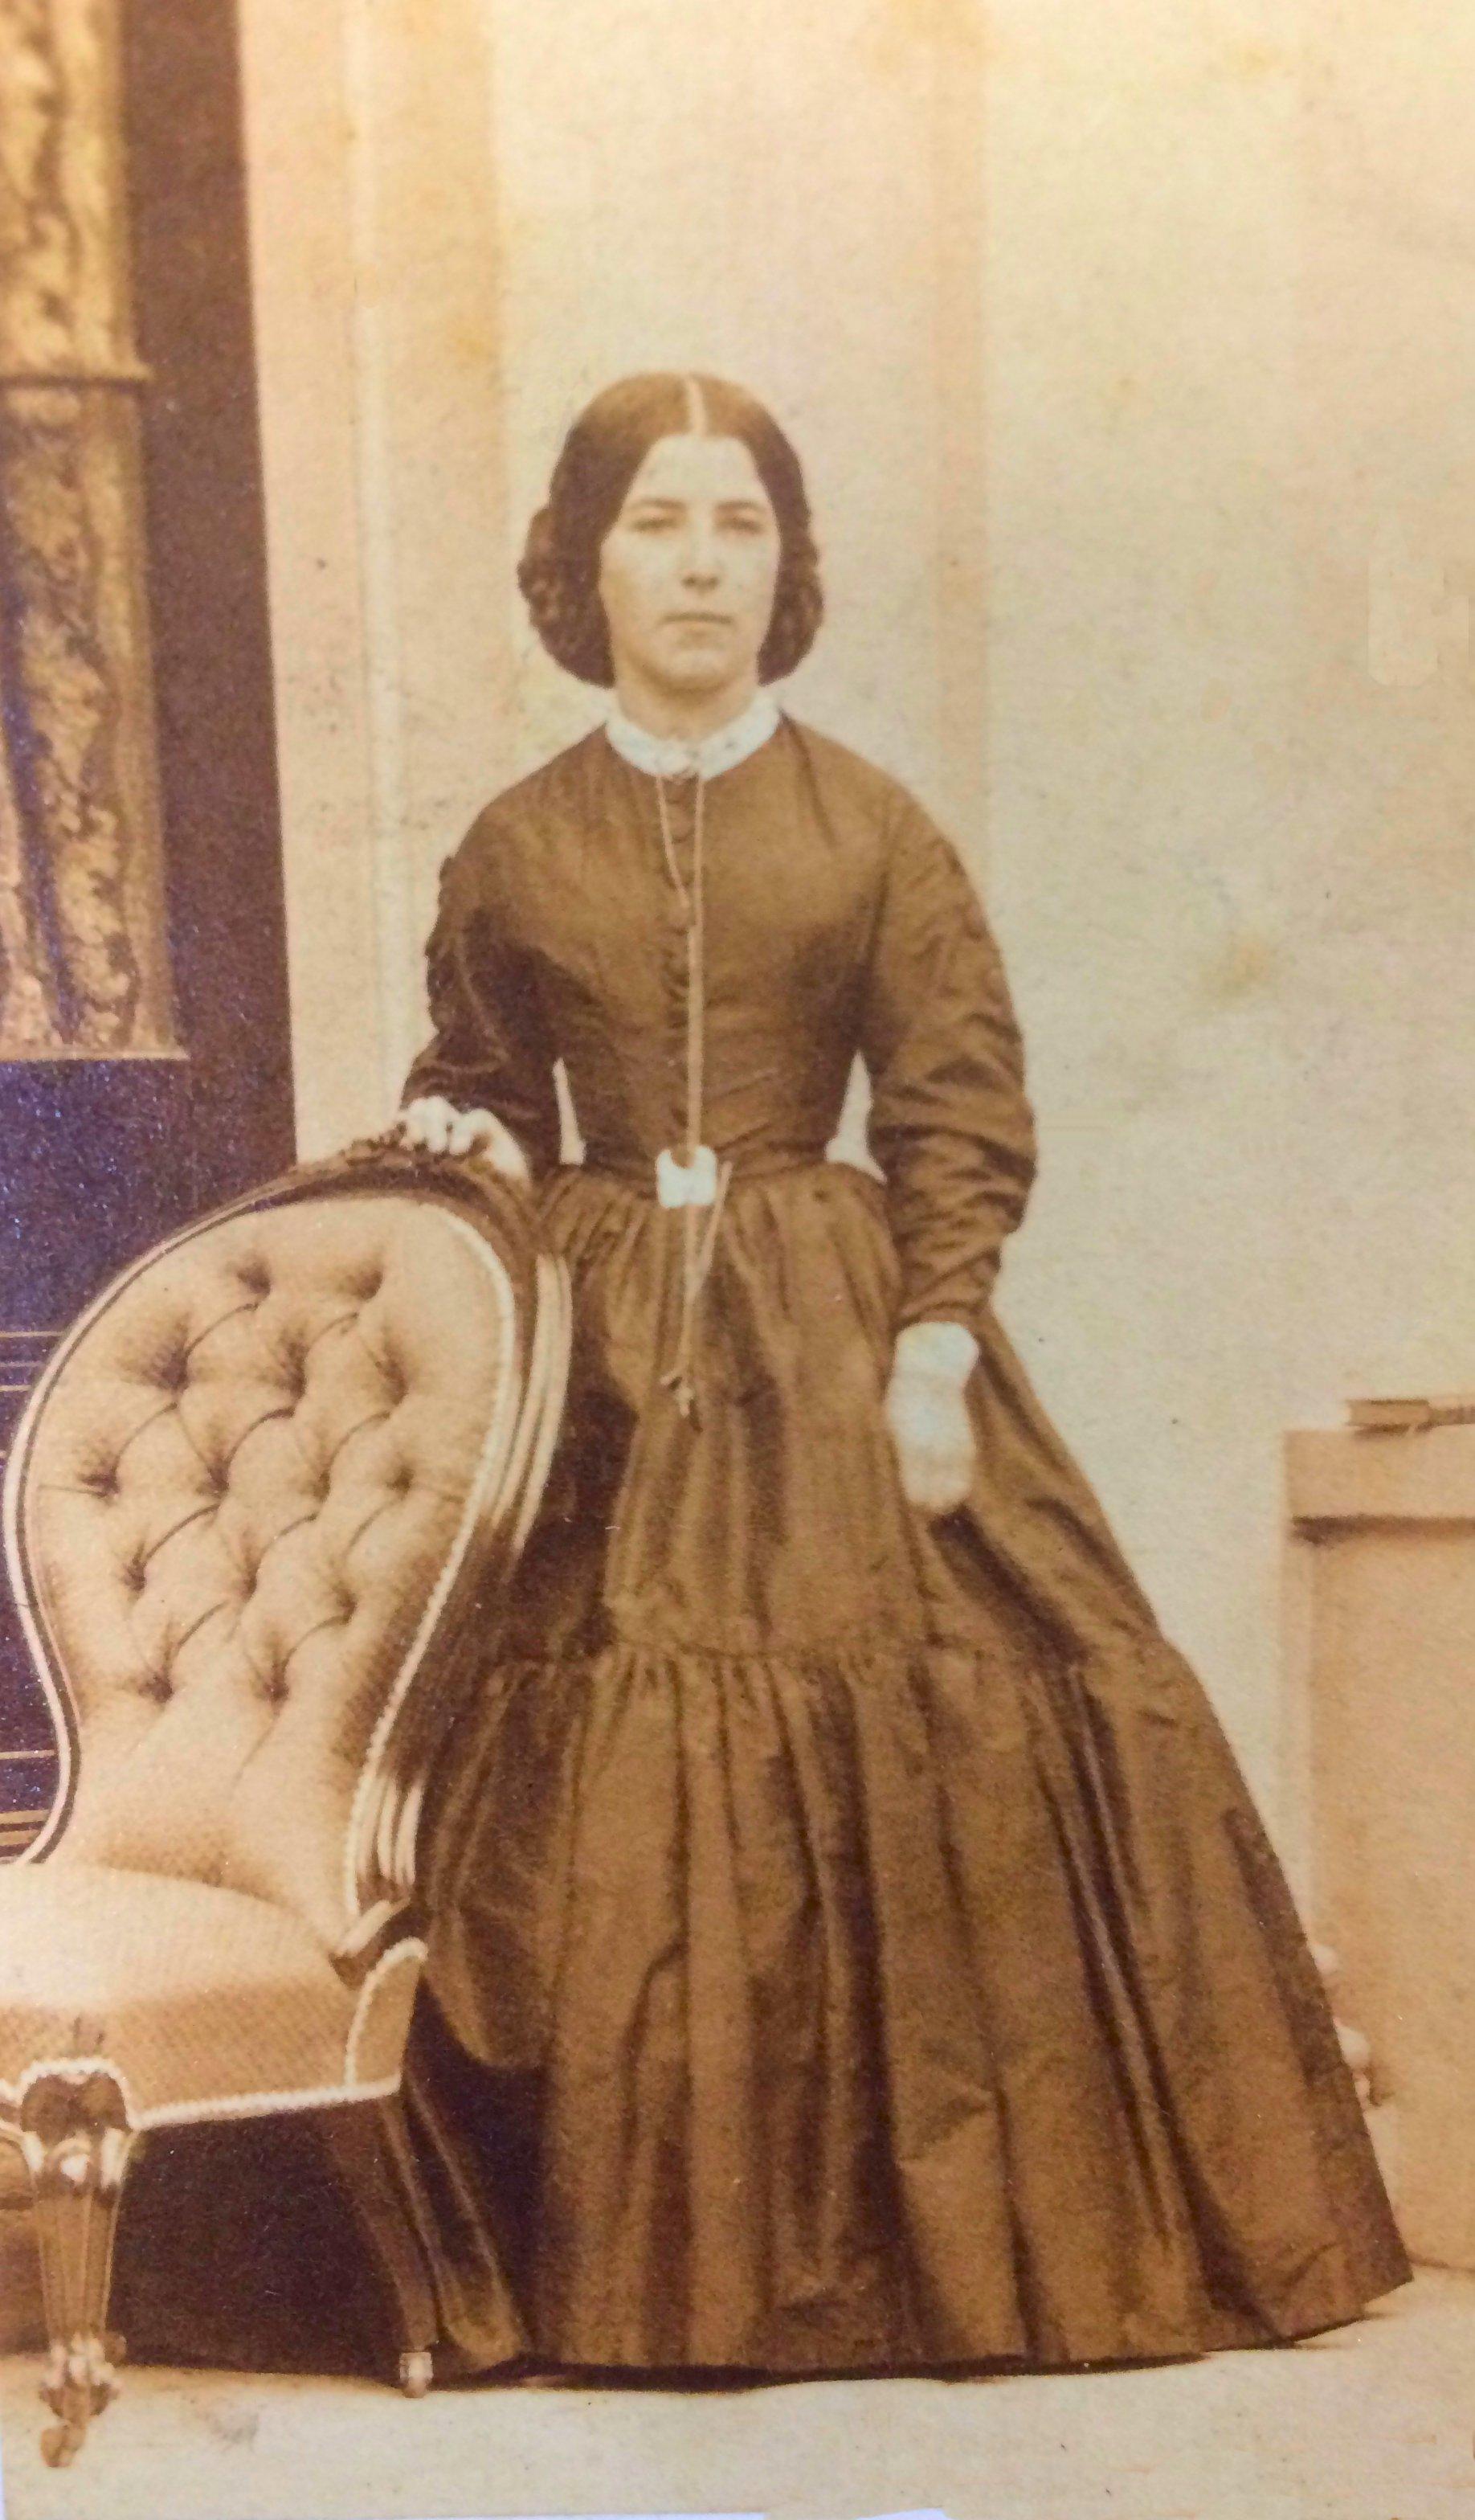 A young Marie Corbett